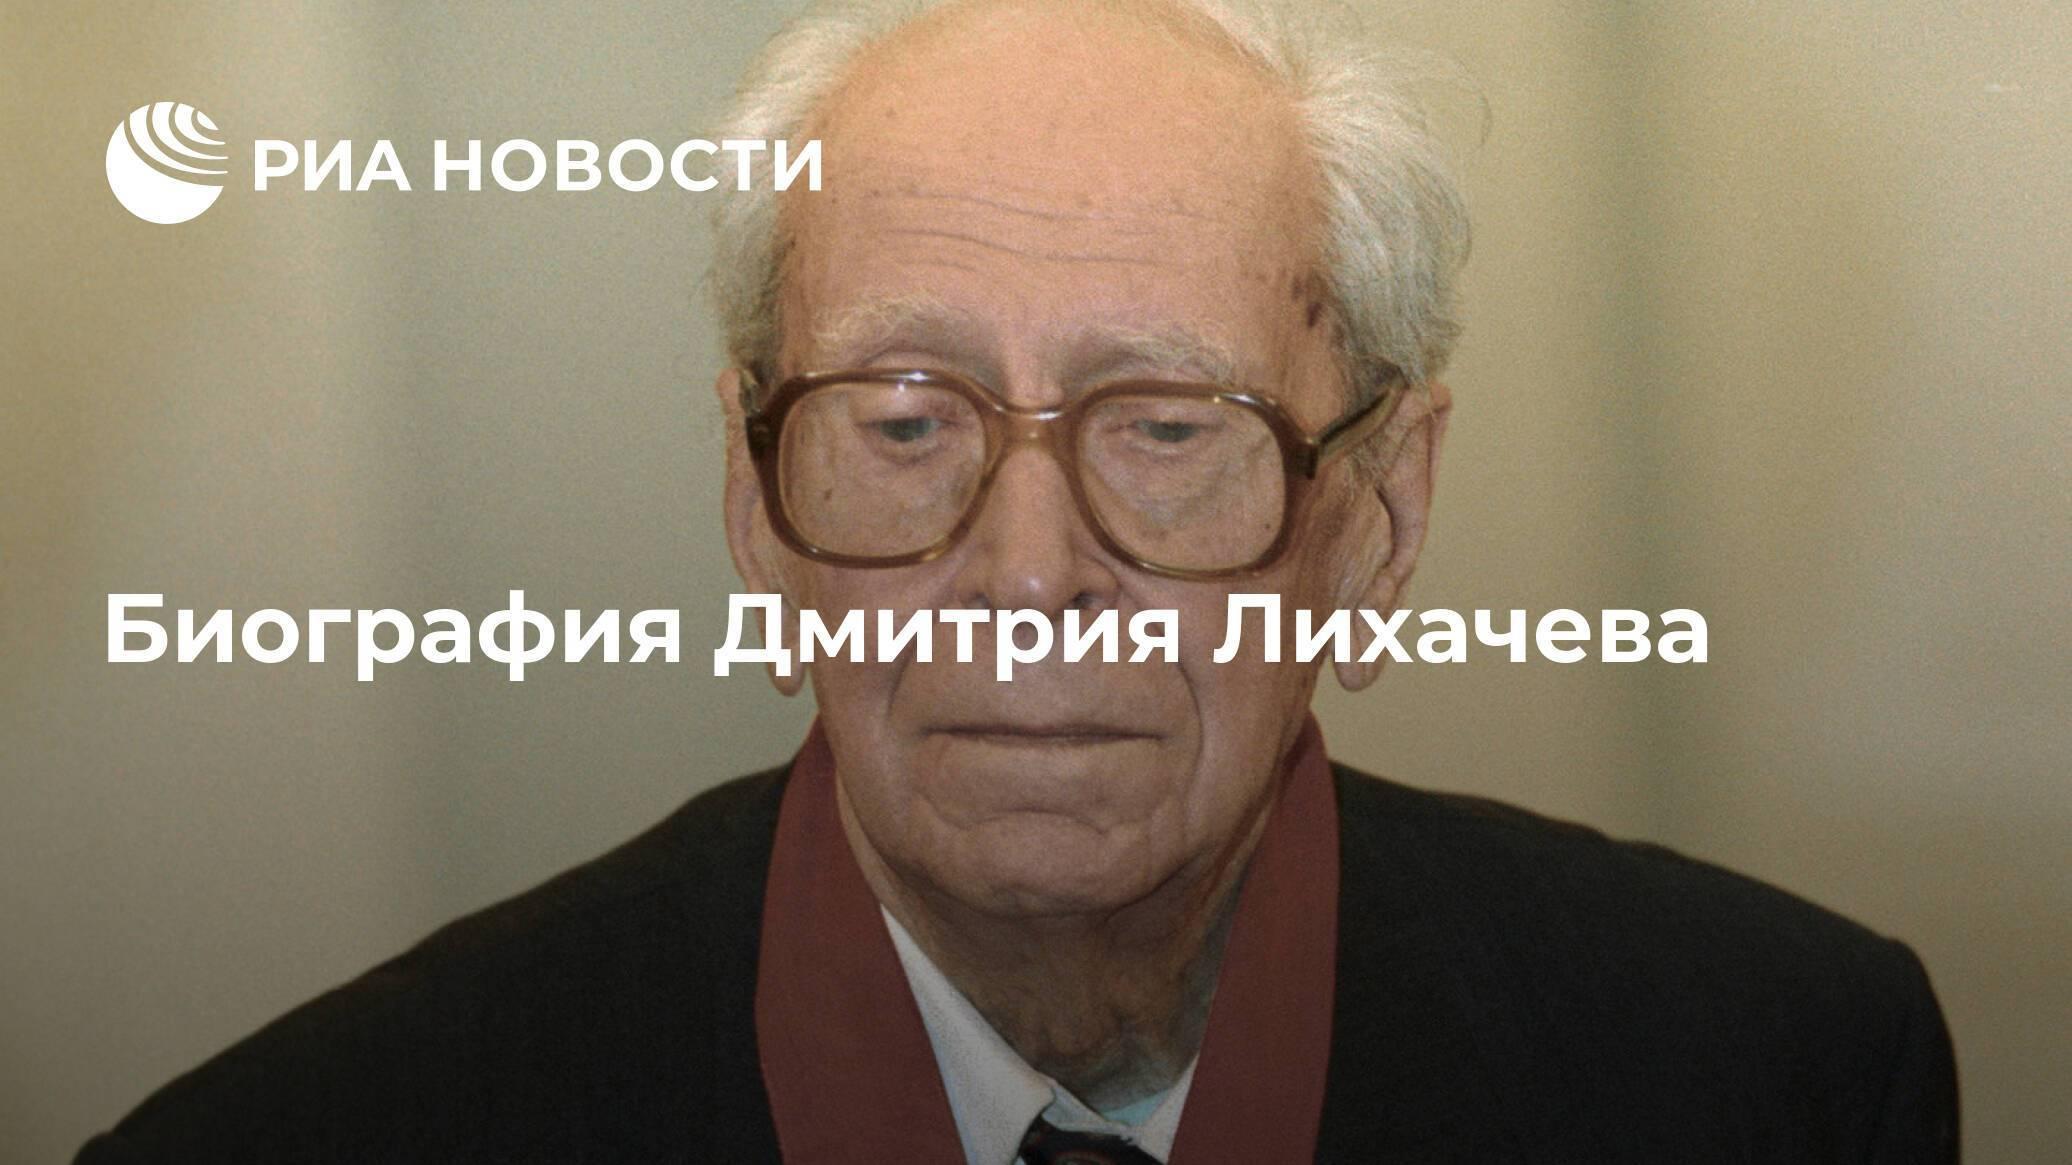 Лихачев дмитрий сергеевич - биография, новости, фото, дата рождения, пресс-досье. персоналии глобалмск.ру.